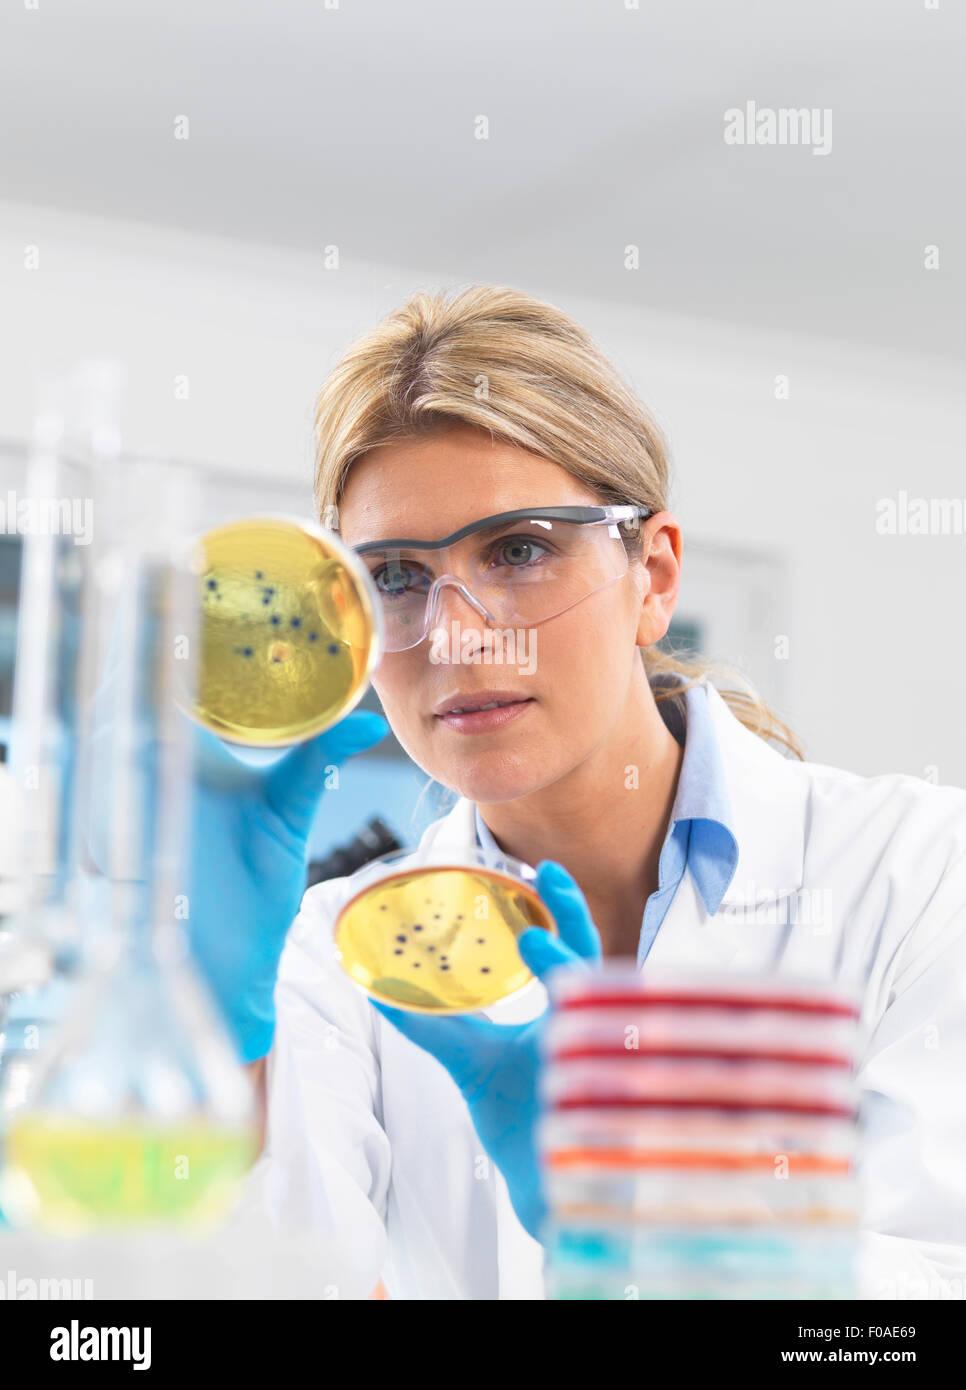 Técnico femenino ver agar (medio de cultivo) placas con bacterias en un laboratorio Imagen De Stock